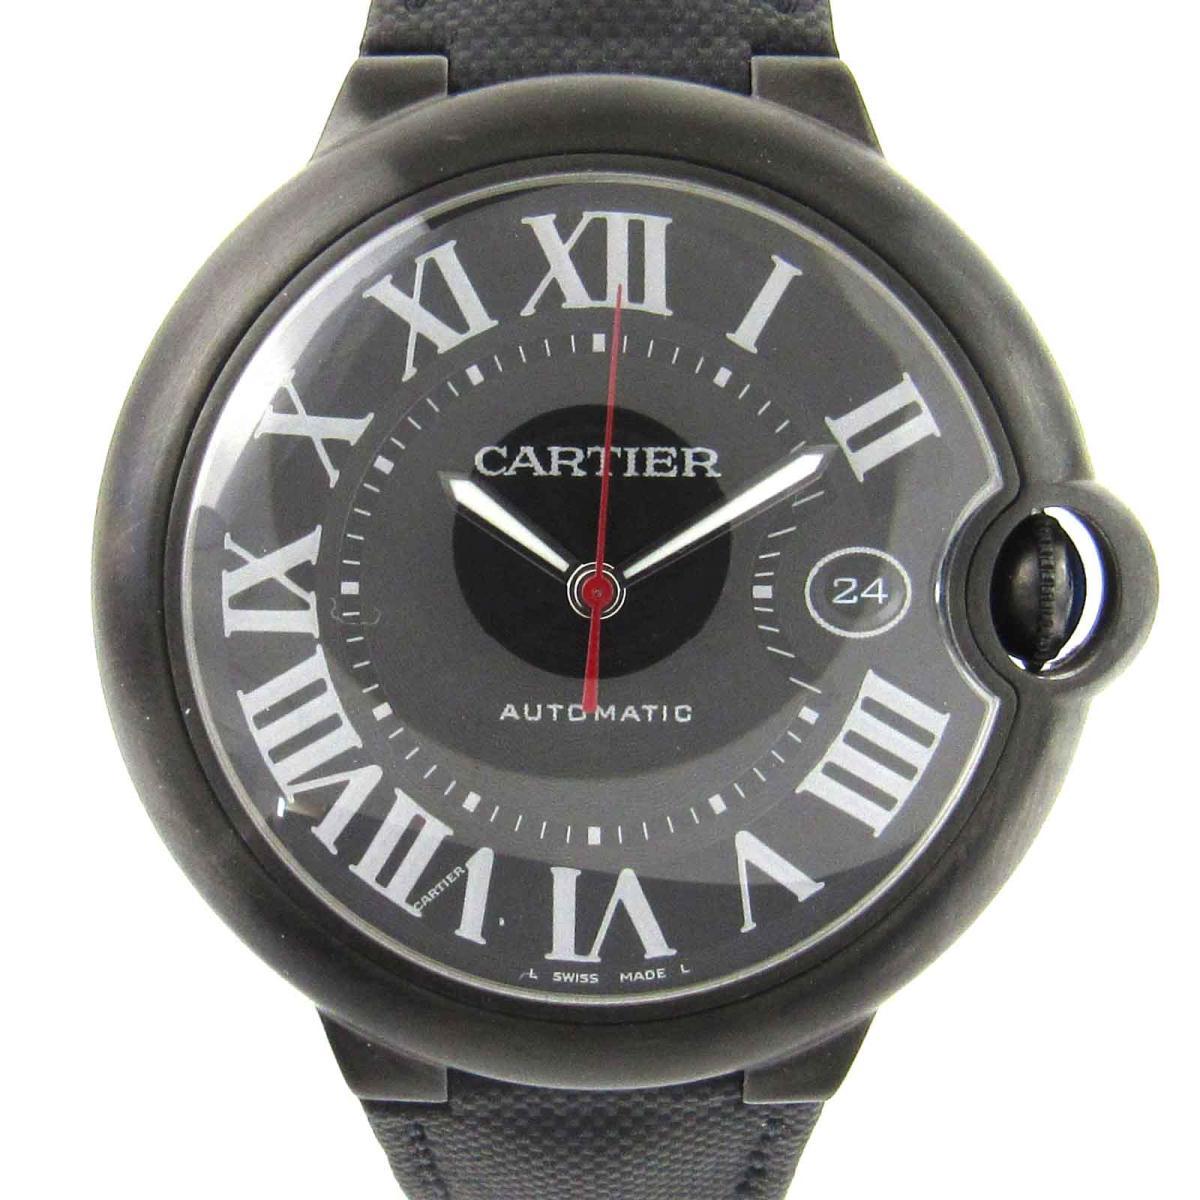 【中古】 カルティエ バロンブルー ウォッチ 腕時計 メンズ ステンレススチール (SS) x レザー (WSBB0015) | Cartier オートマチック 自動巻き 時計 バロンブルー 美品 ブランドオフ